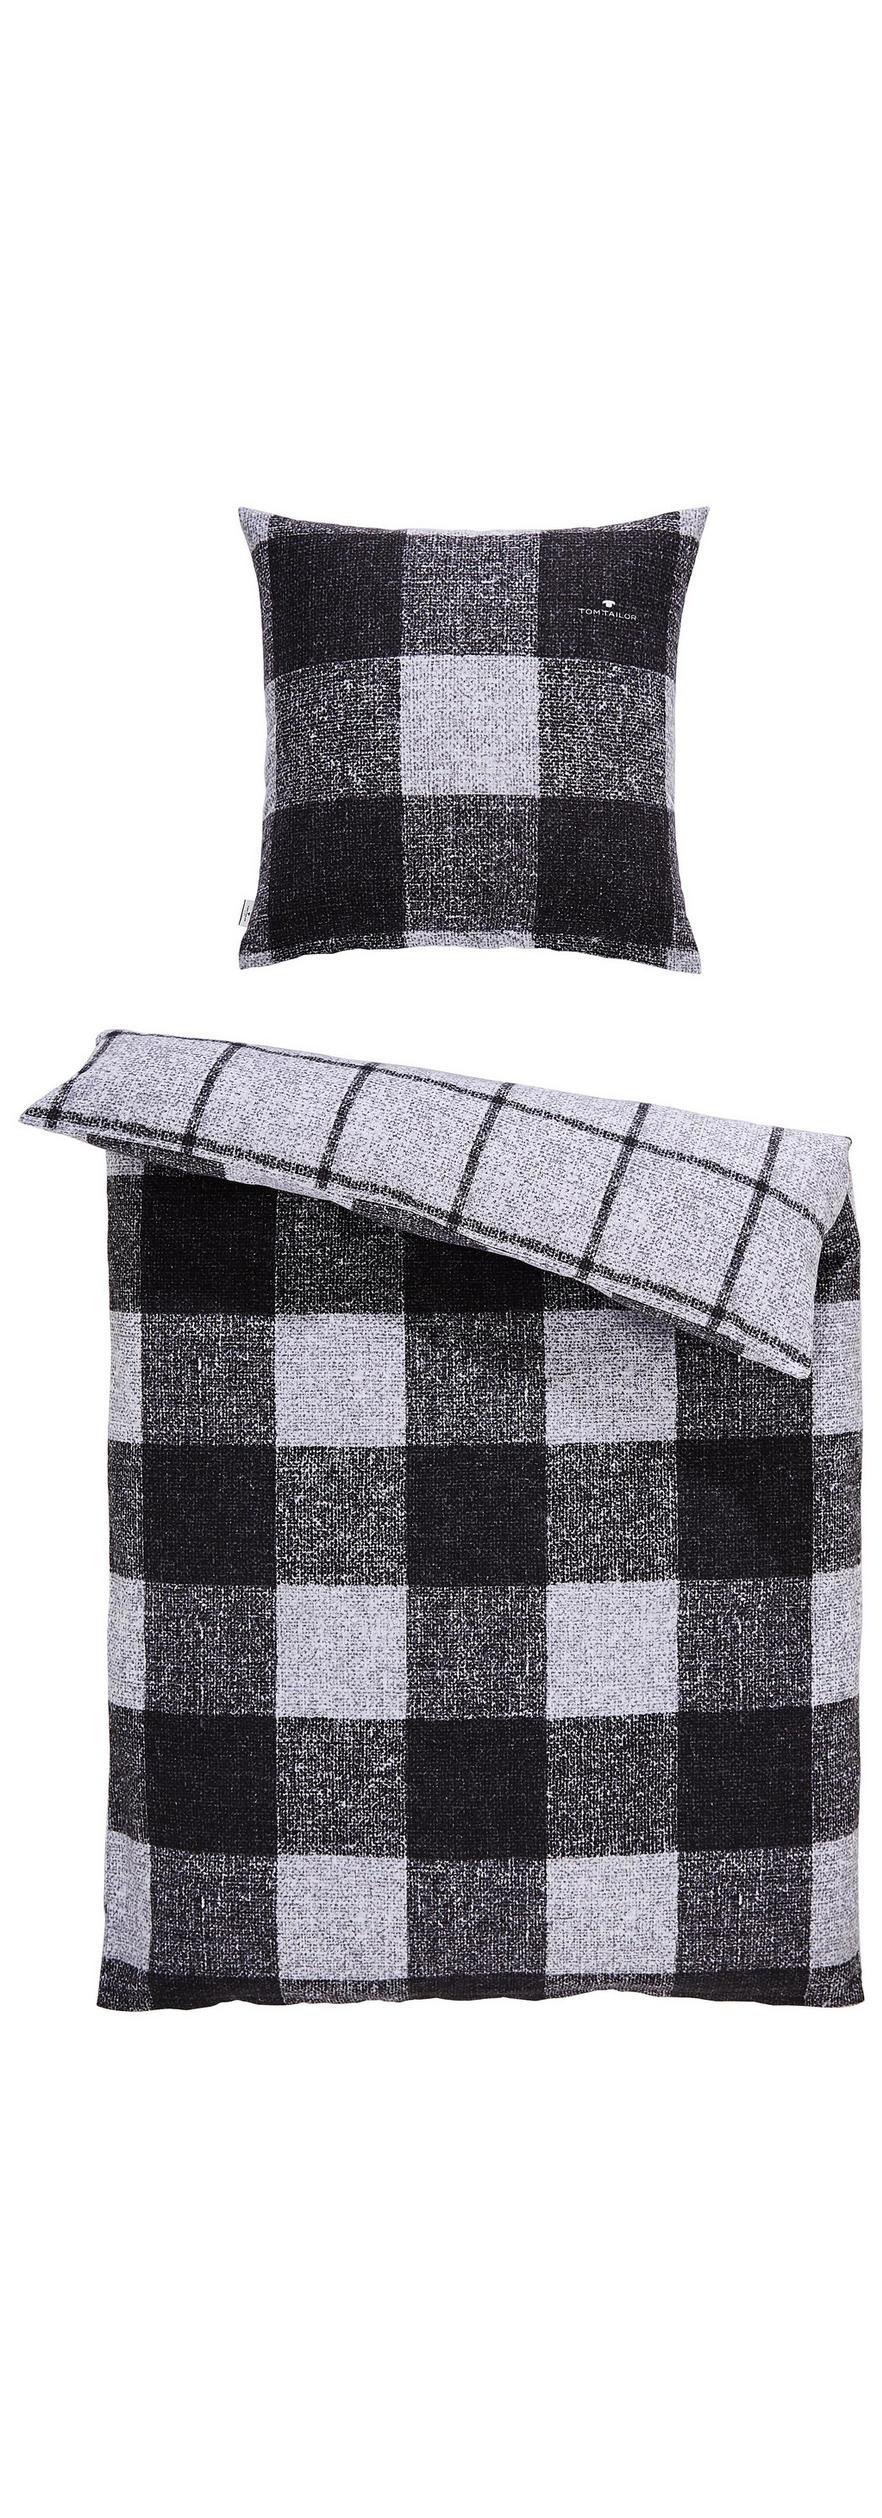 Bettwäsche Biber Schwarz Weiß 135200 Cm Online Kaufen Xxxlutz